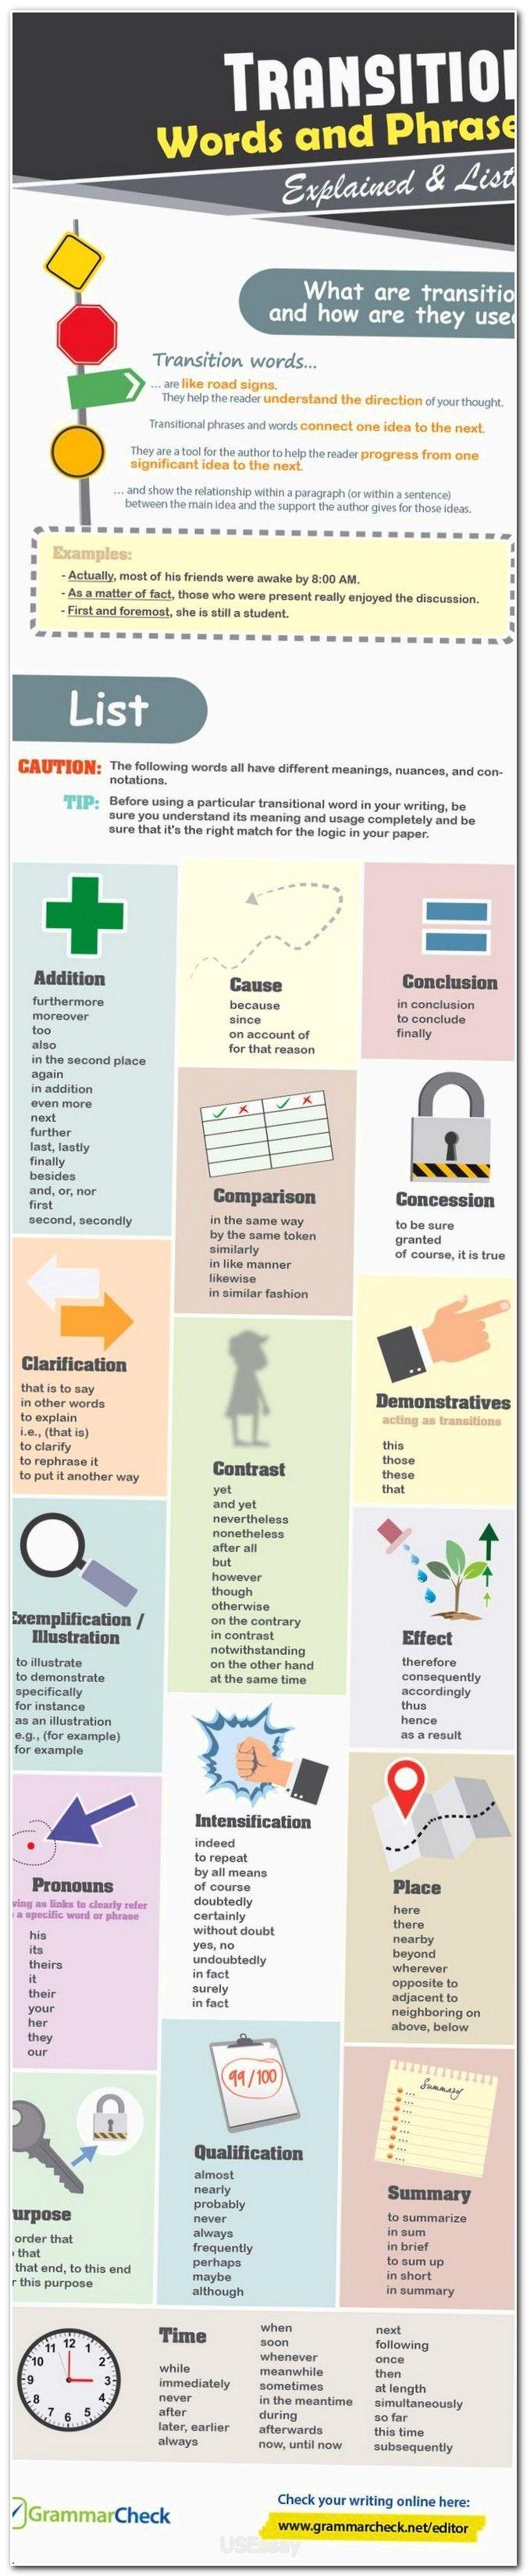 free essay checker grammar punctuation